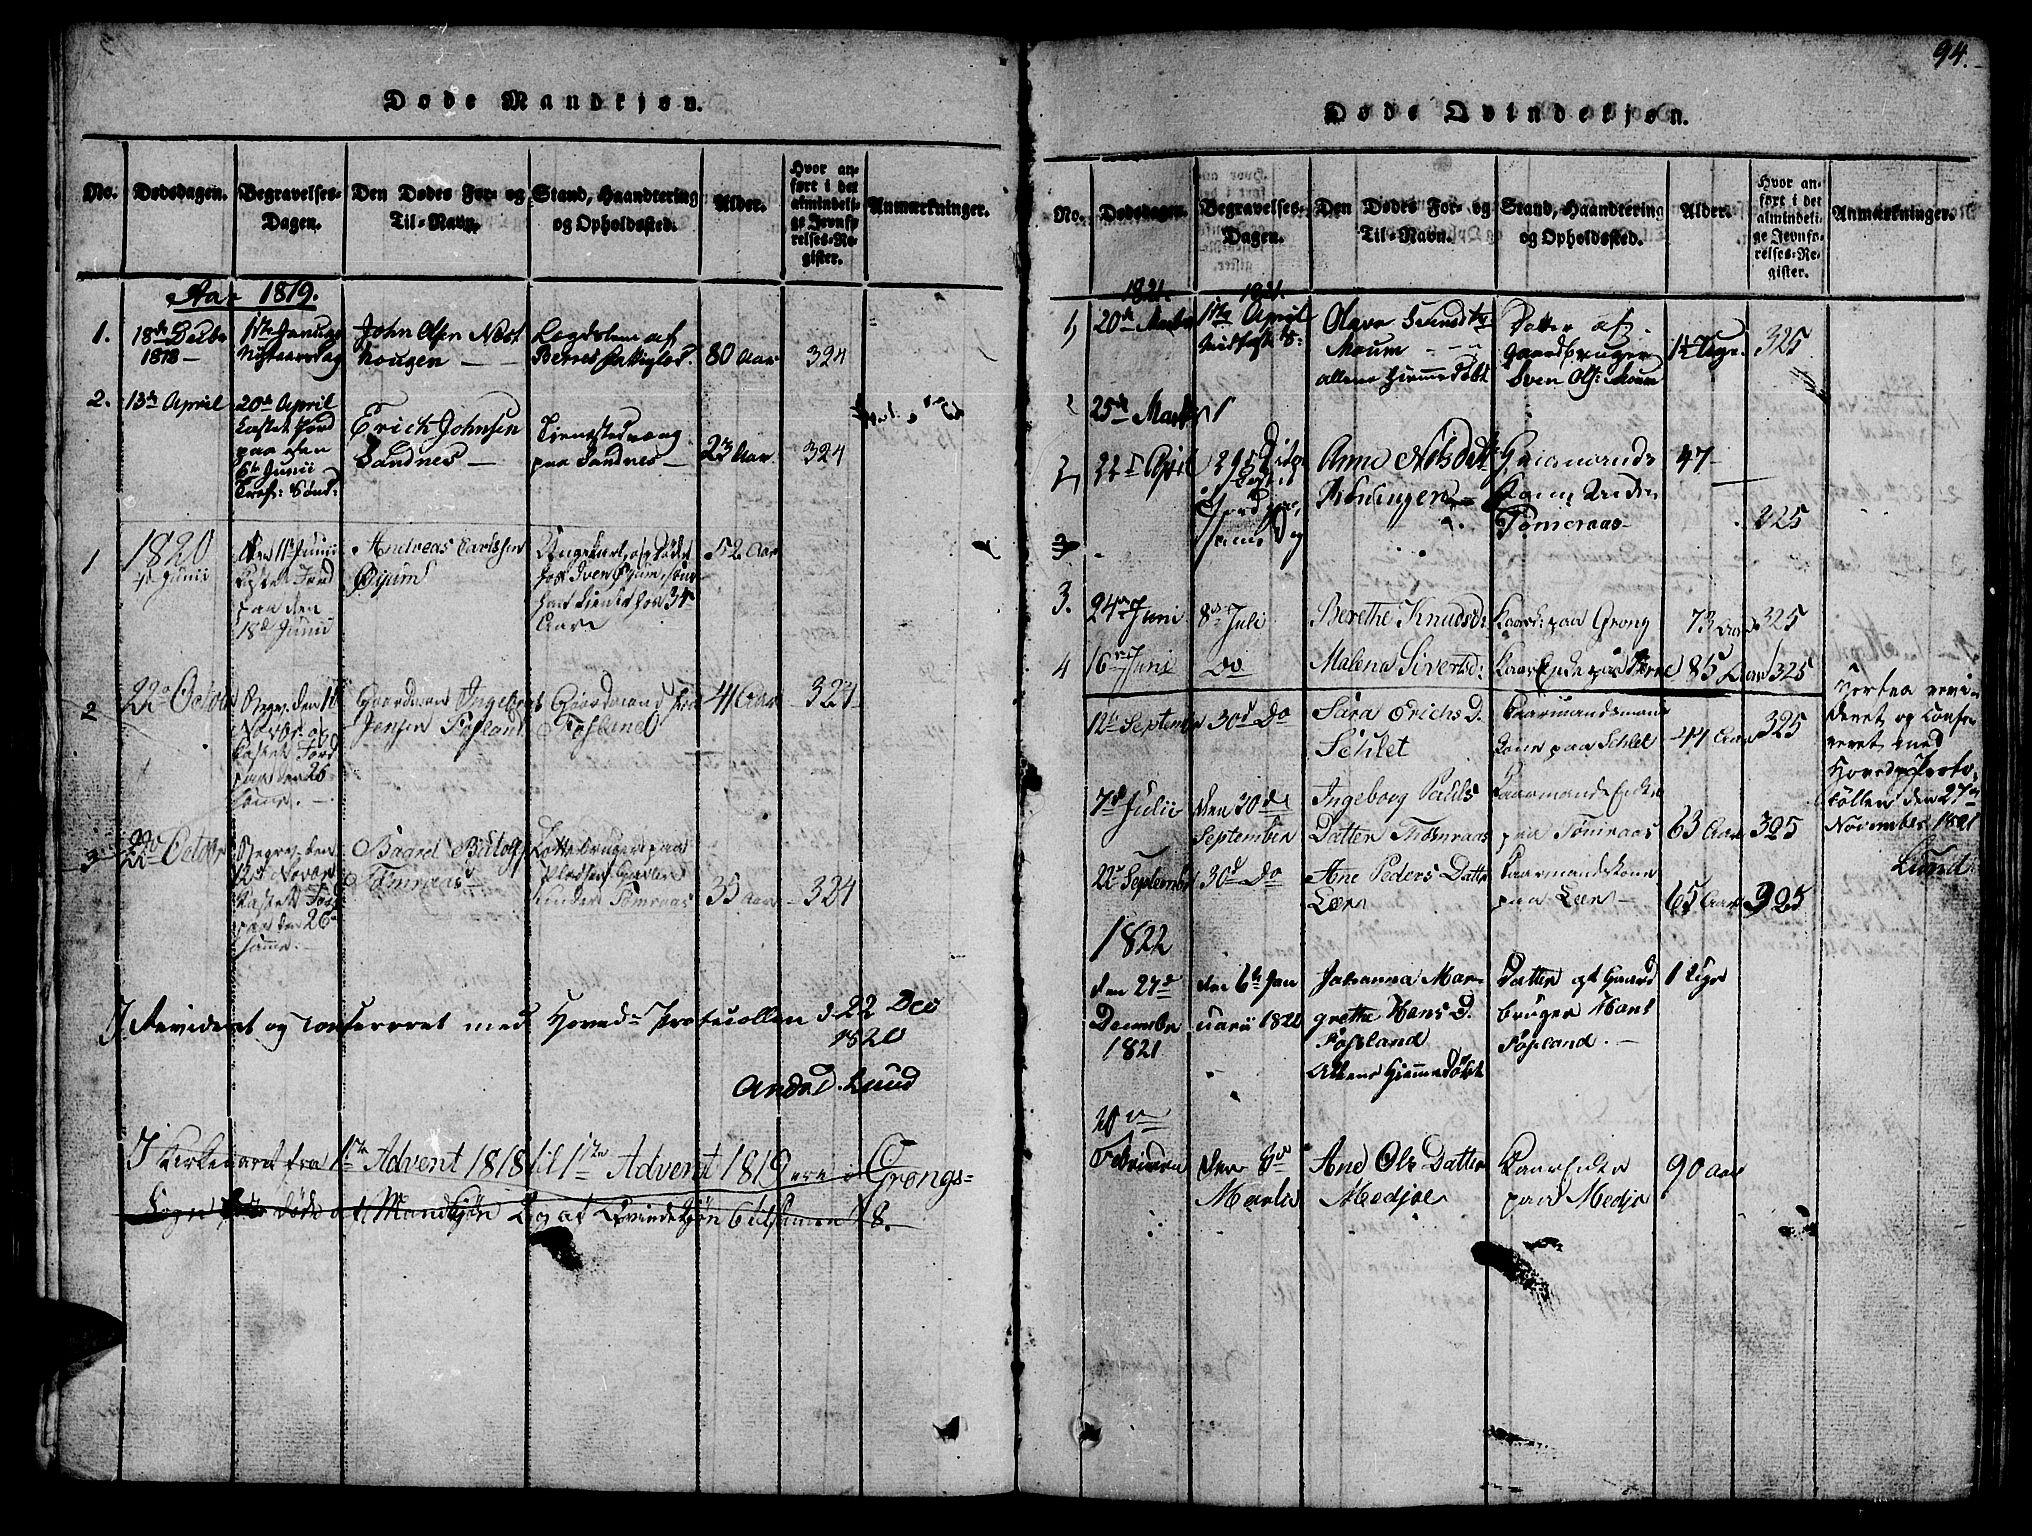 SAT, Ministerialprotokoller, klokkerbøker og fødselsregistre - Nord-Trøndelag, 758/L0521: Klokkerbok nr. 758C01, 1816-1825, s. 94